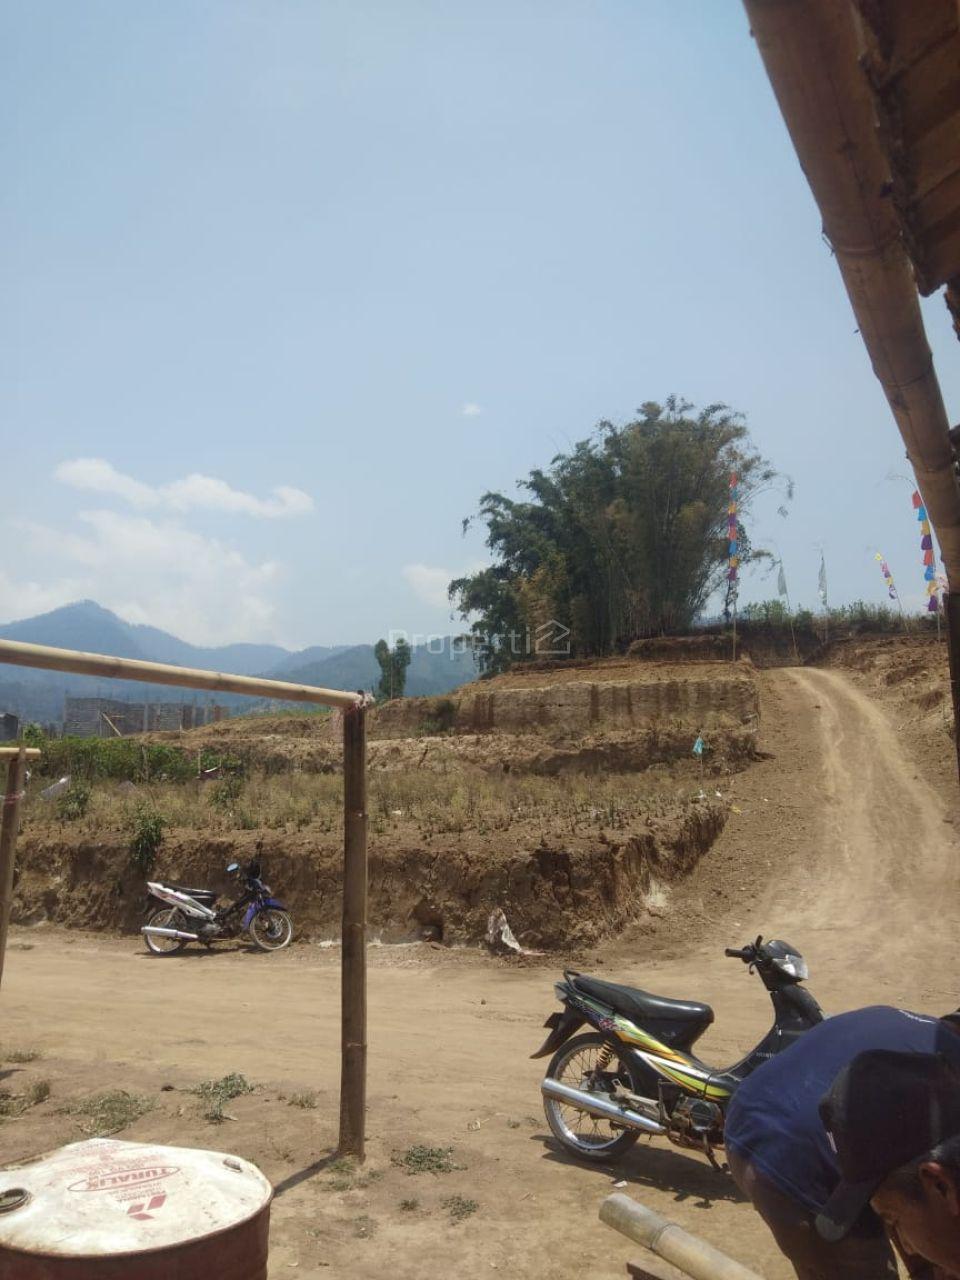 Plot Land in Around Kota Wisata Batu, Kab. Malang